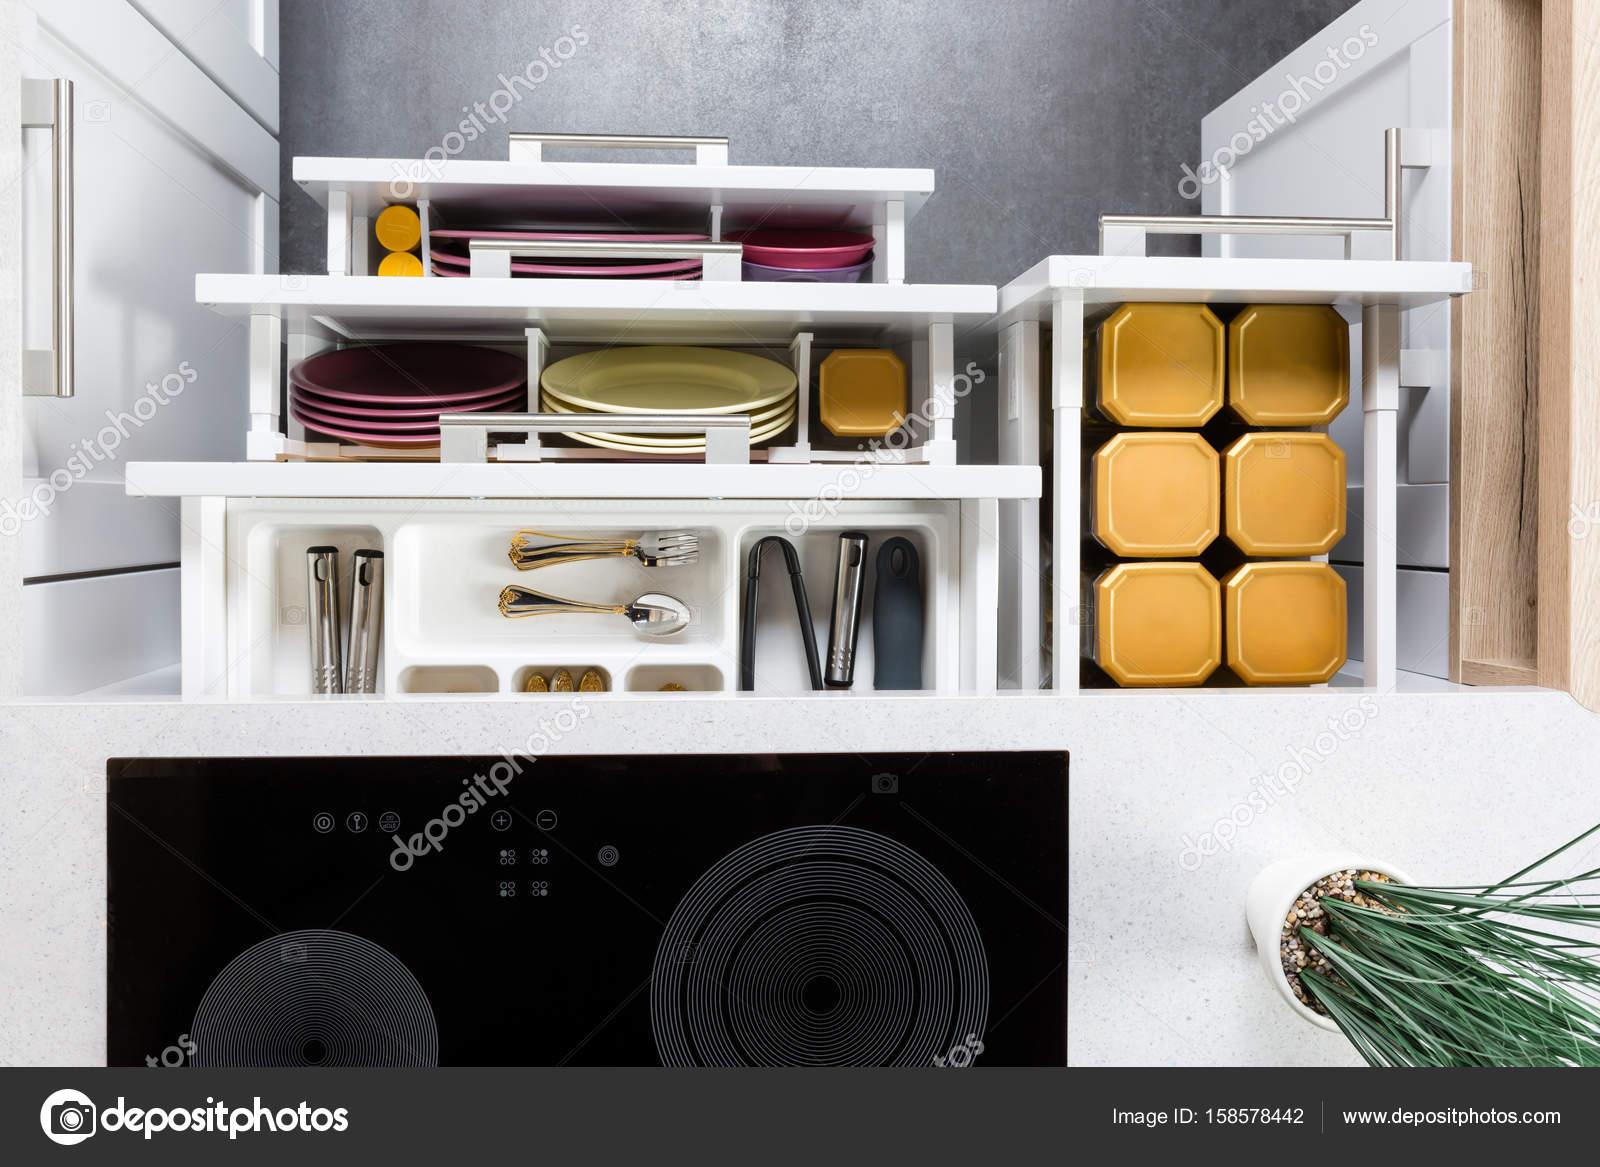 Gavetas De Cozinha Moderna Organizada Stock Photo Myvisuals